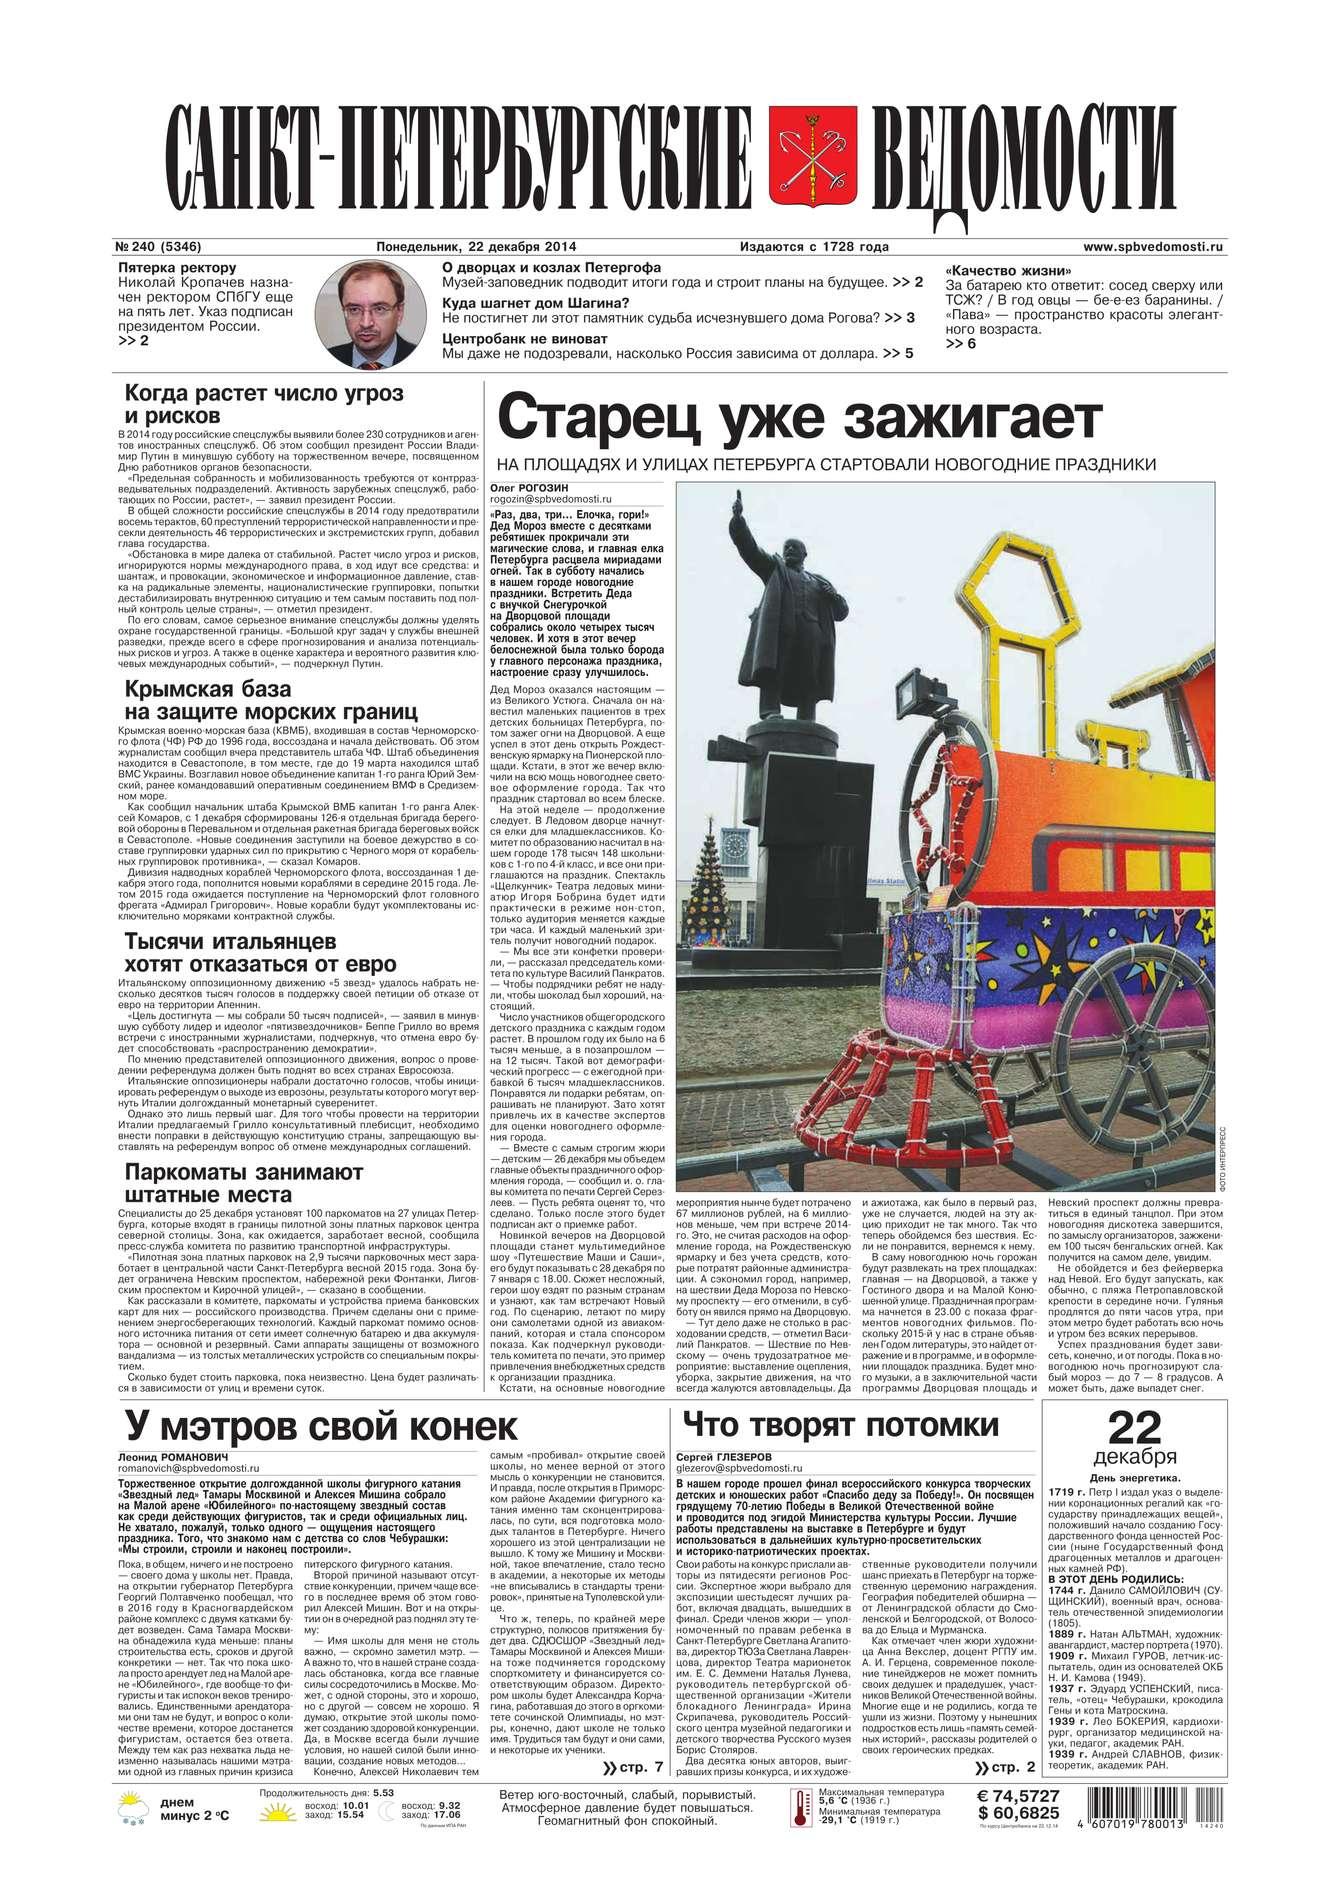 Санкт-Петербургские ведомости 240-2014